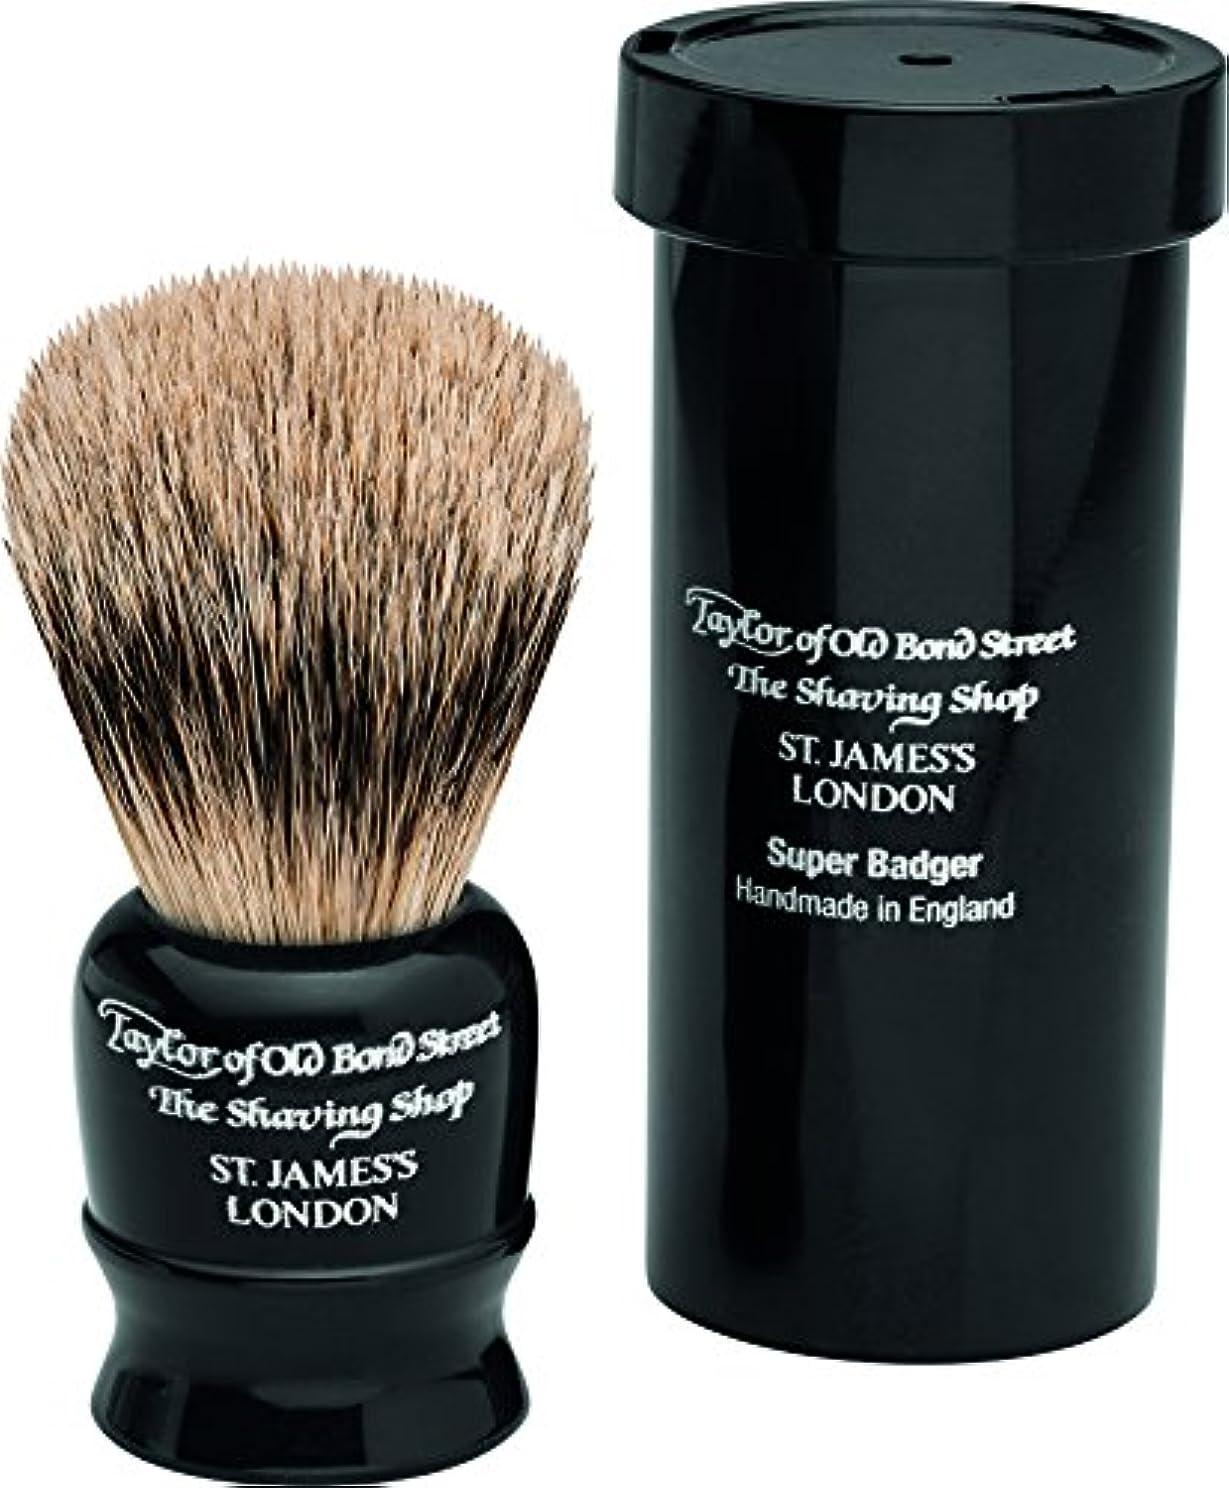 ほんの蓋上回るTravel Super Badger Shaving Brush, 8,25 cm, black - Taylor of old Bond Street